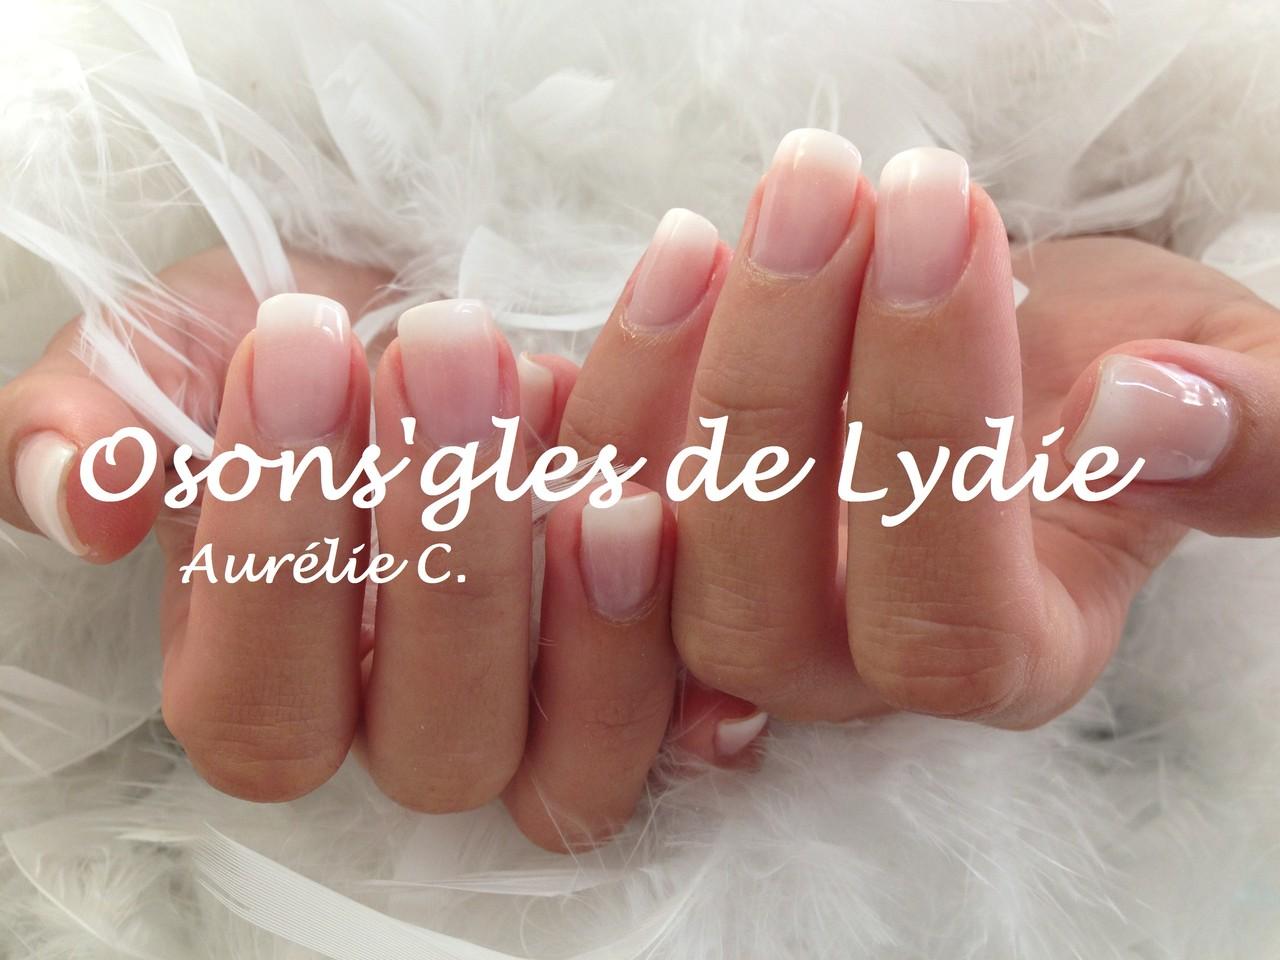 Pose d'ongles avec capsules et french pour Aurélie (pose réalisée le 30 août 2013)